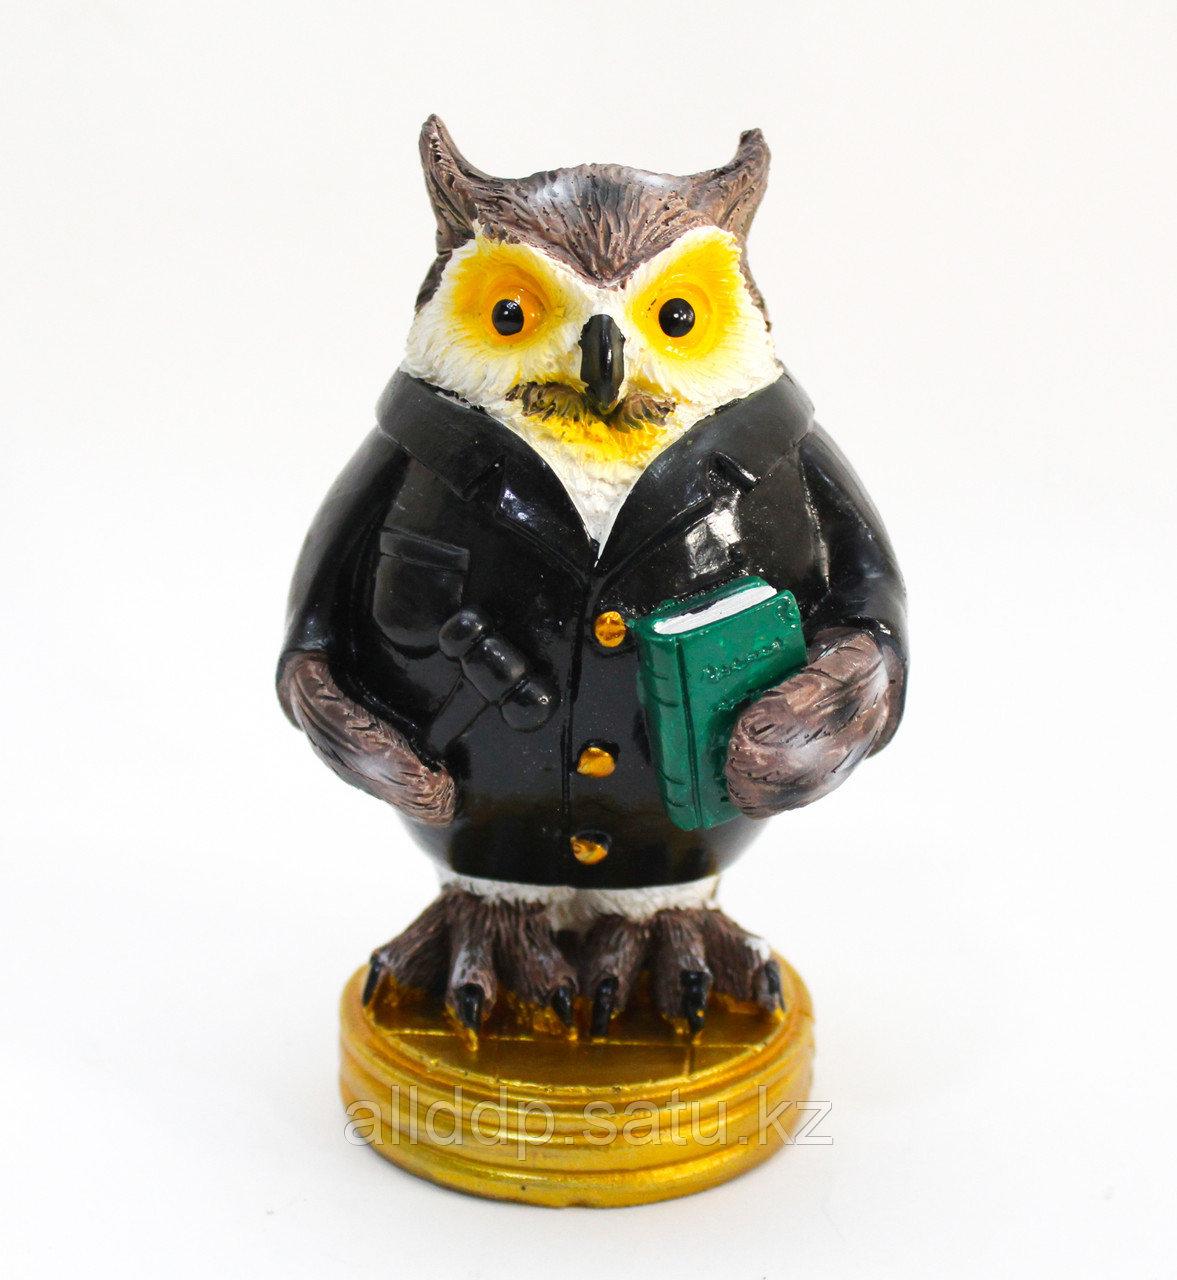 """Статуэтка сова """"Мудрая"""", черная, (13 см)"""